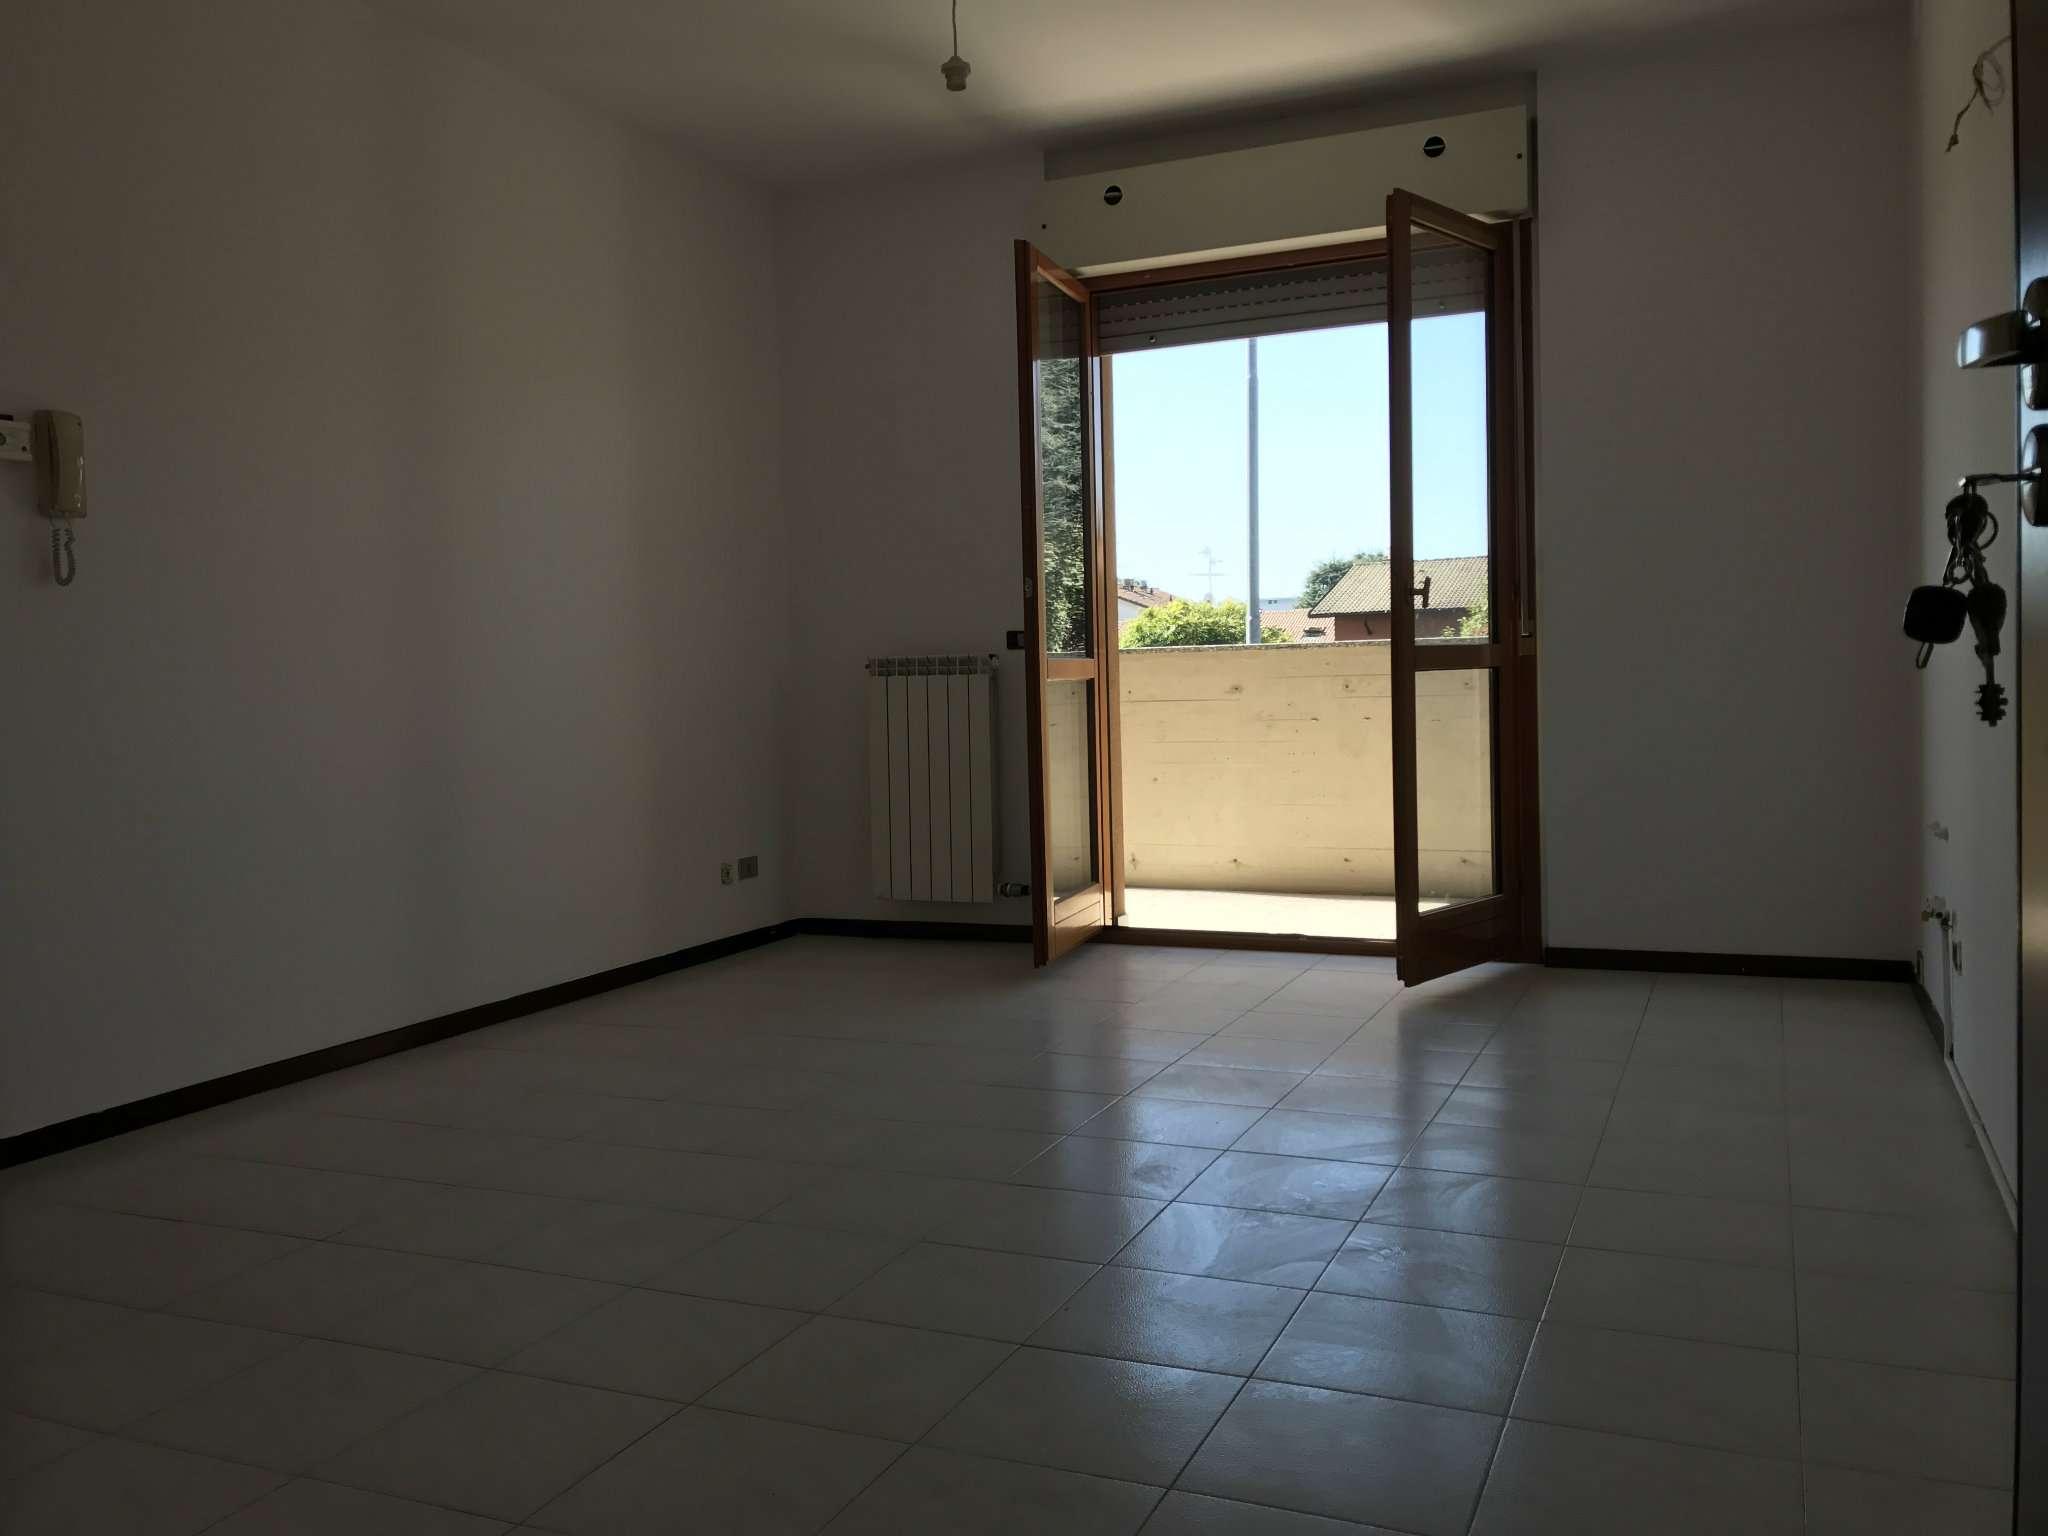 Appartamento in vendita a Gorgonzola, 2 locali, prezzo € 100.000 | CambioCasa.it